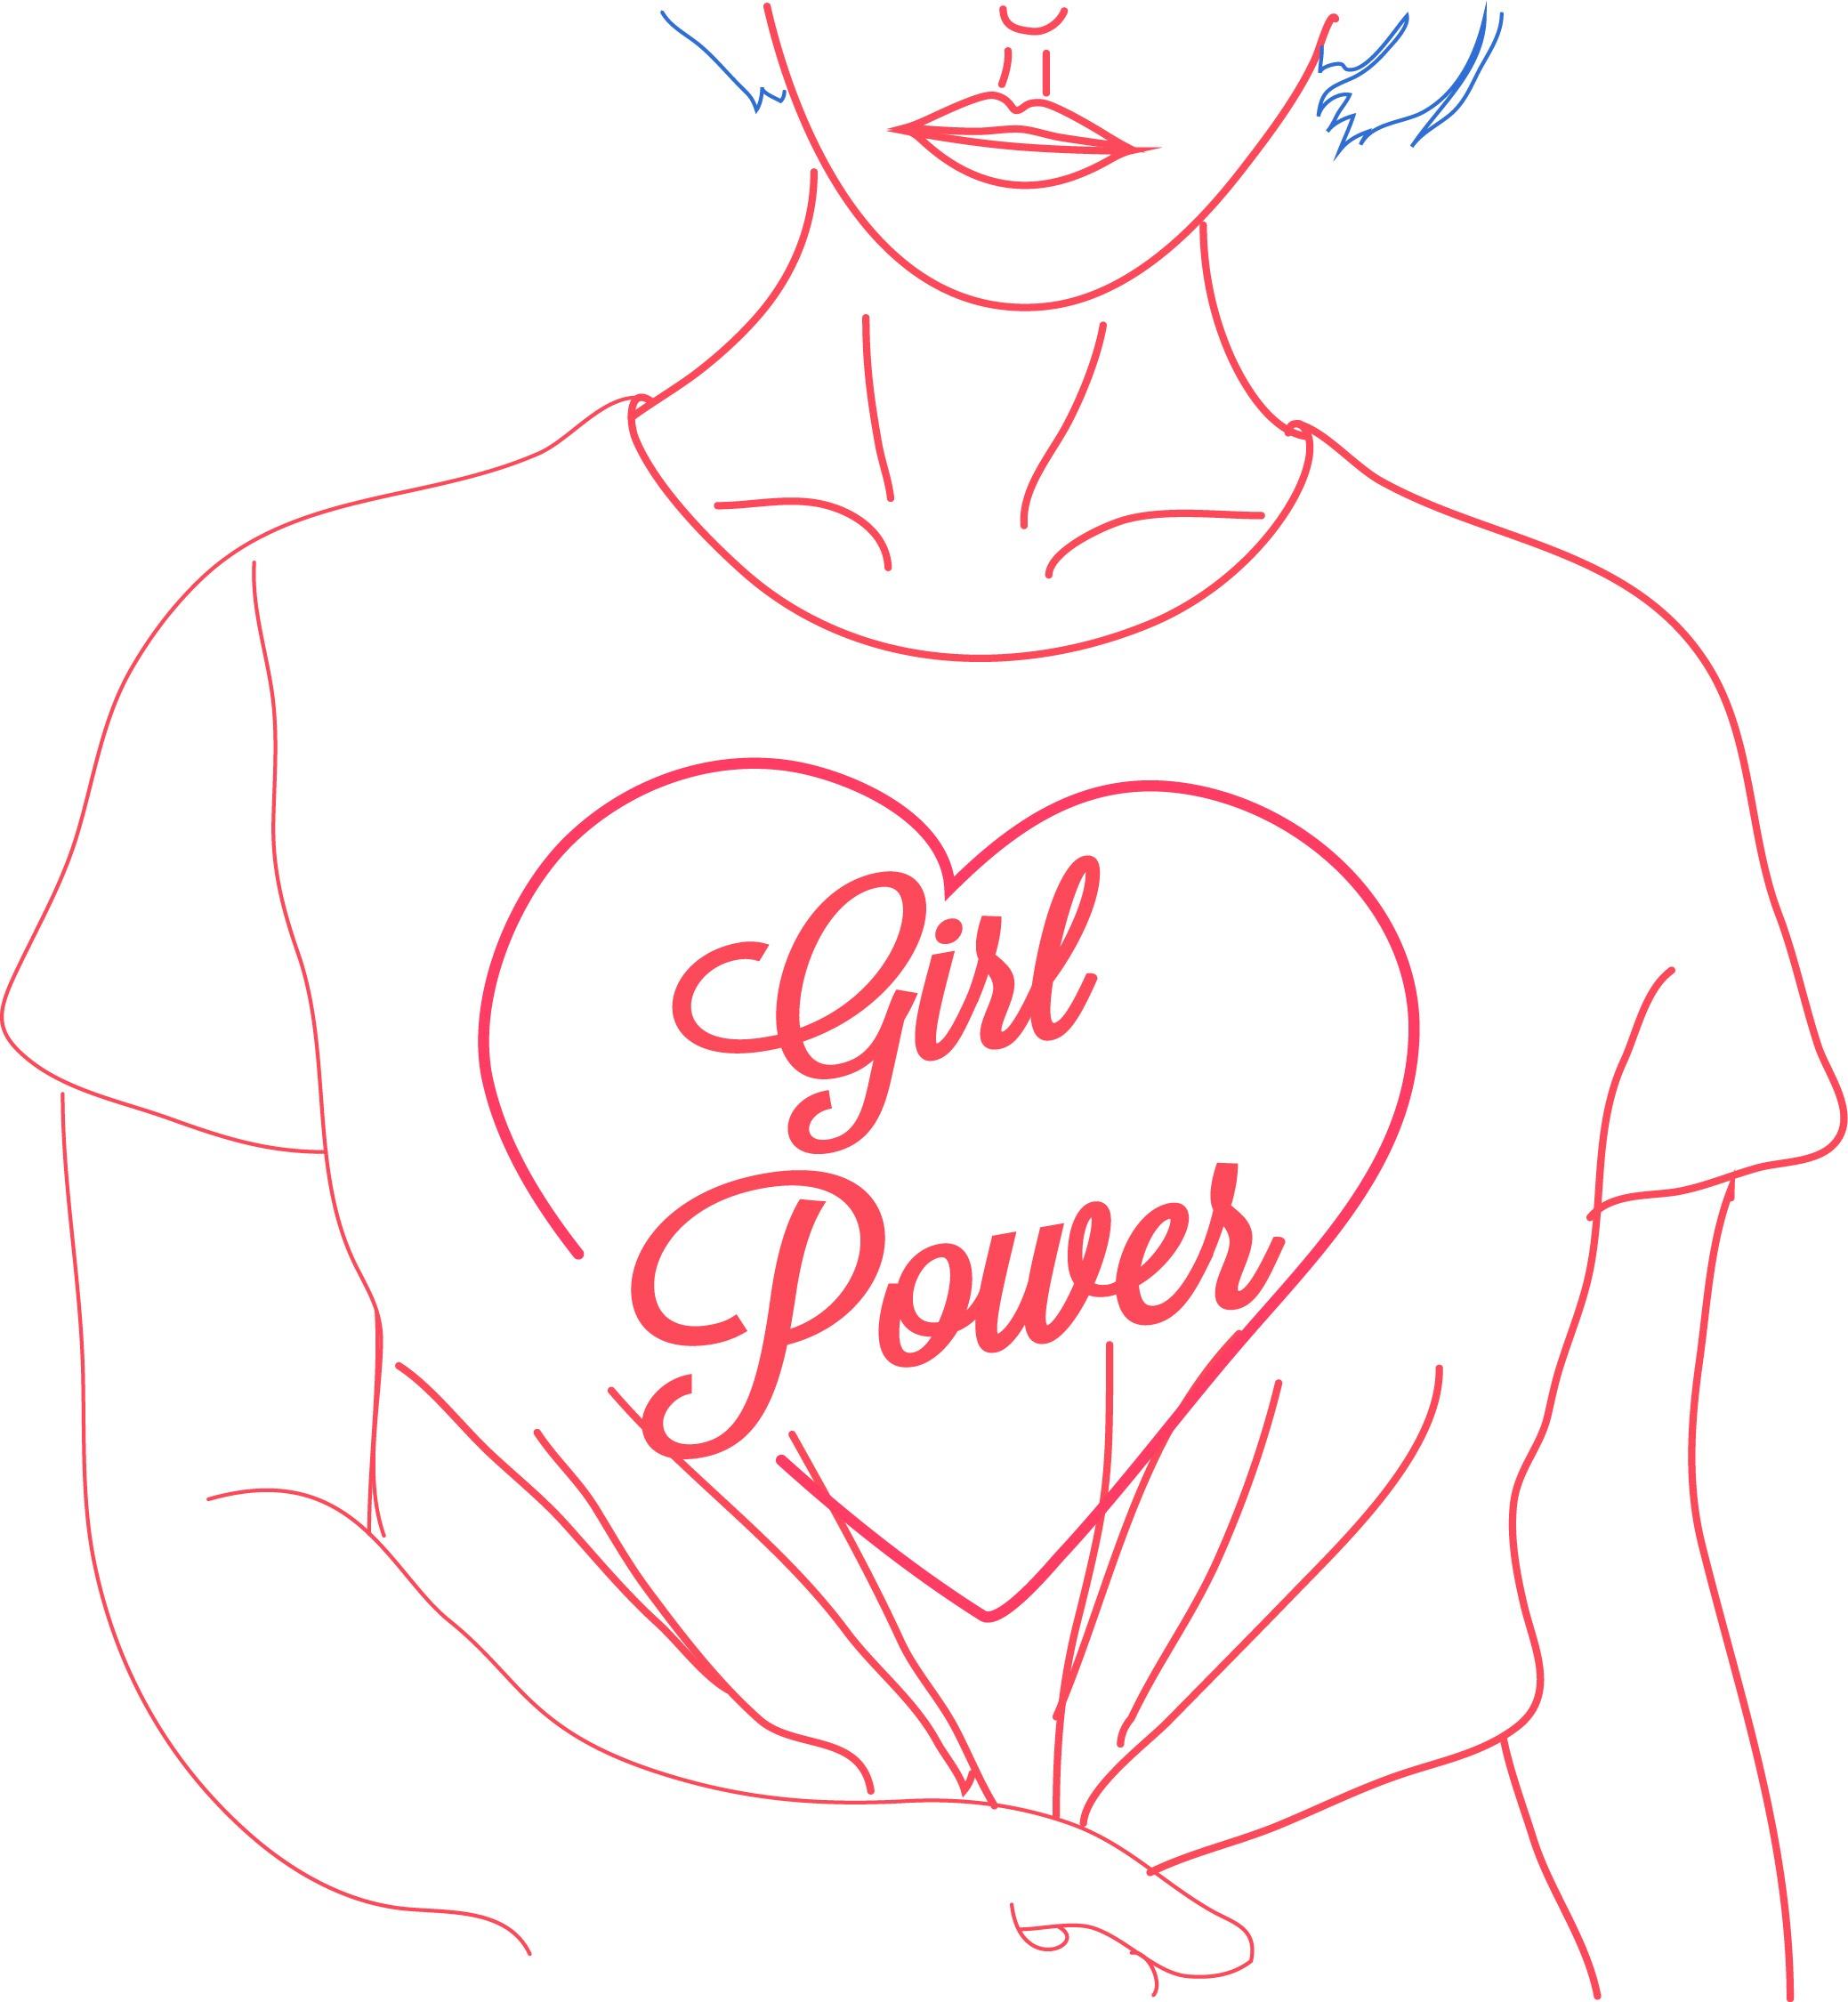 Girl Power,Songdew